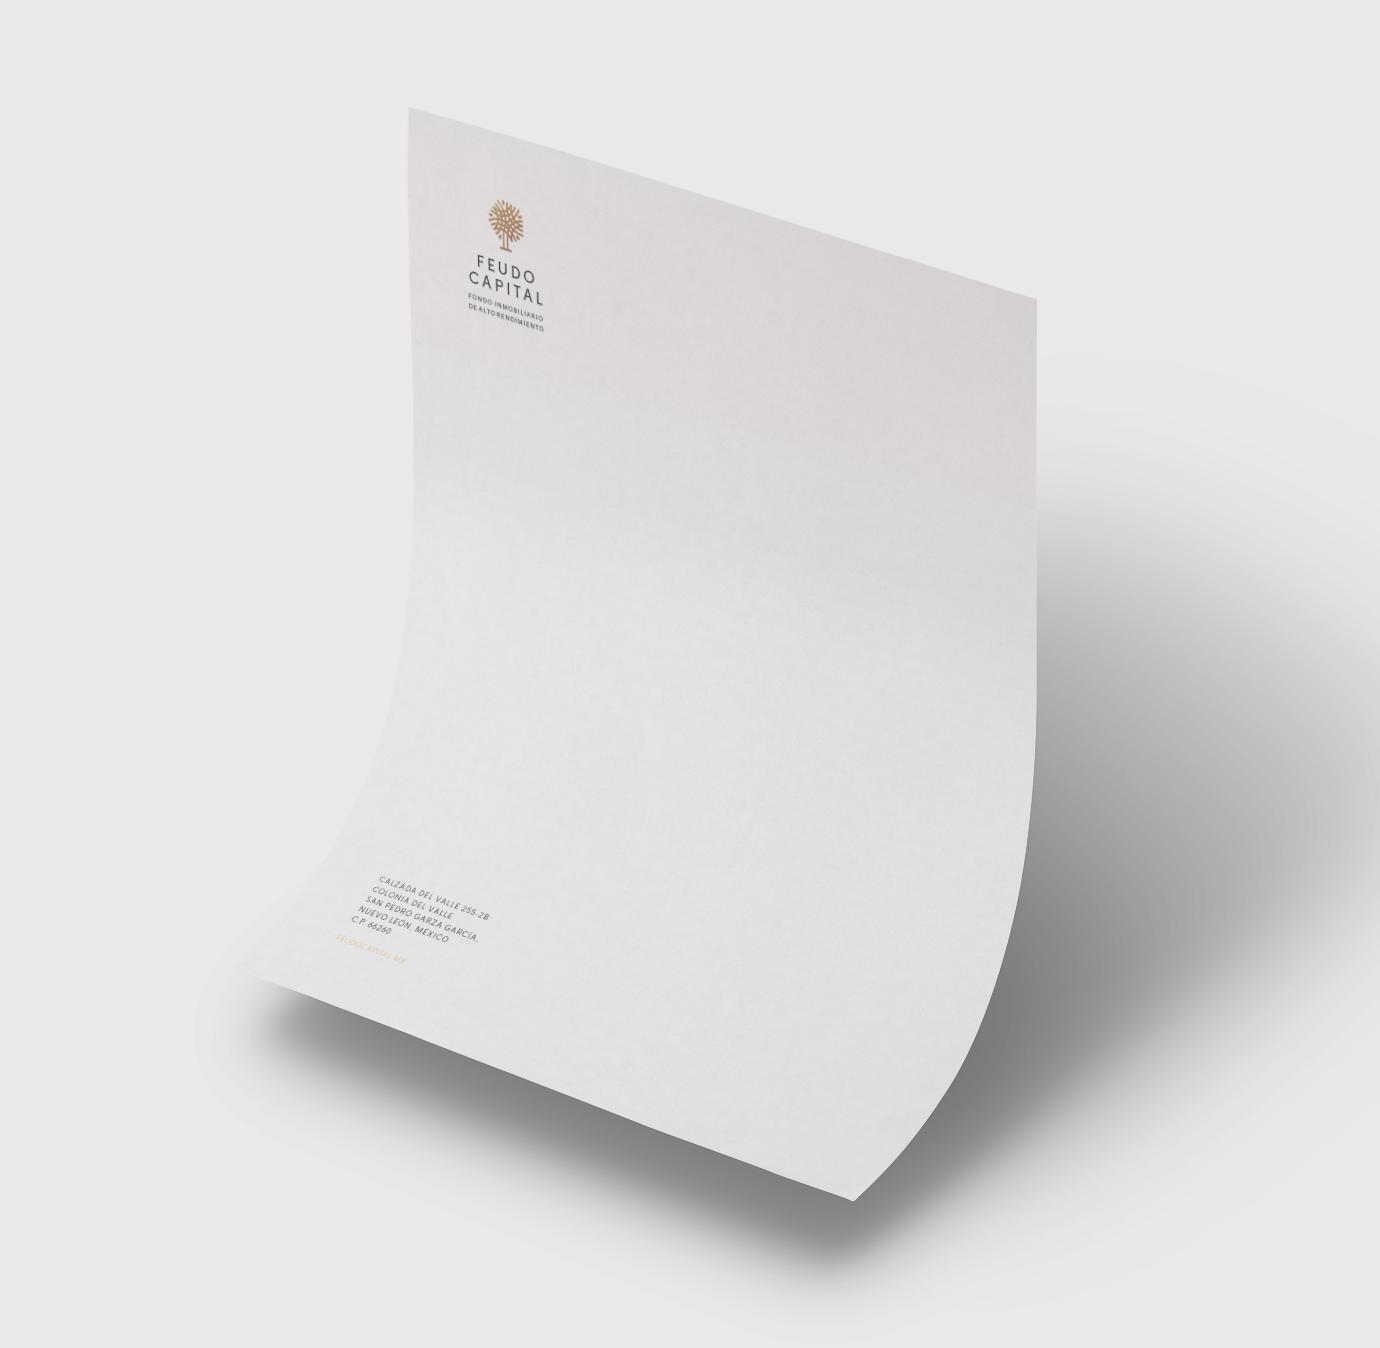 letterhead-feudo-capital-yoenpaperland